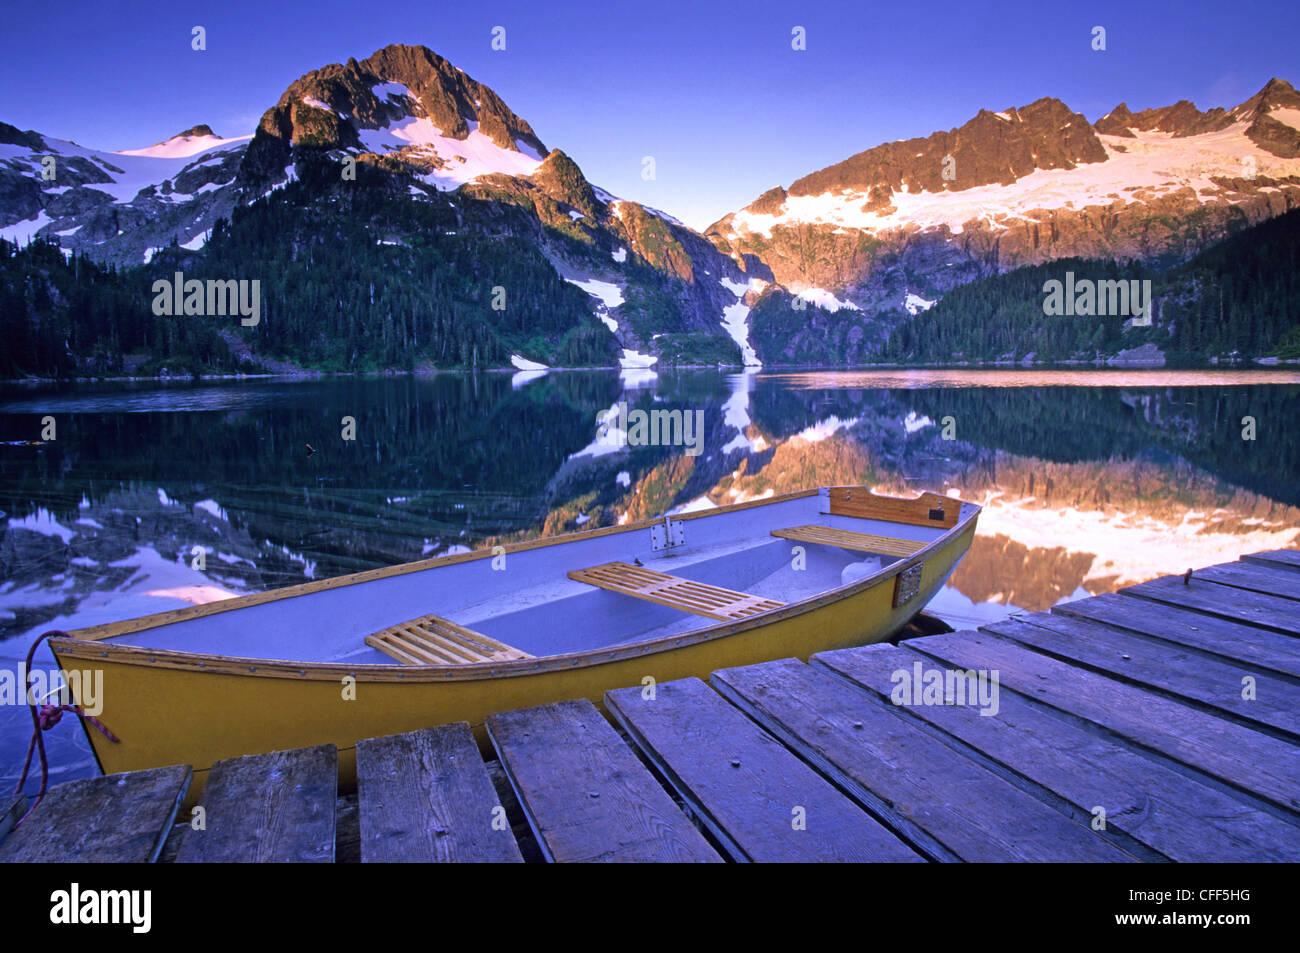 Rowboat Alpine Club Canadcabin dock Lake Lovely - Stock Image